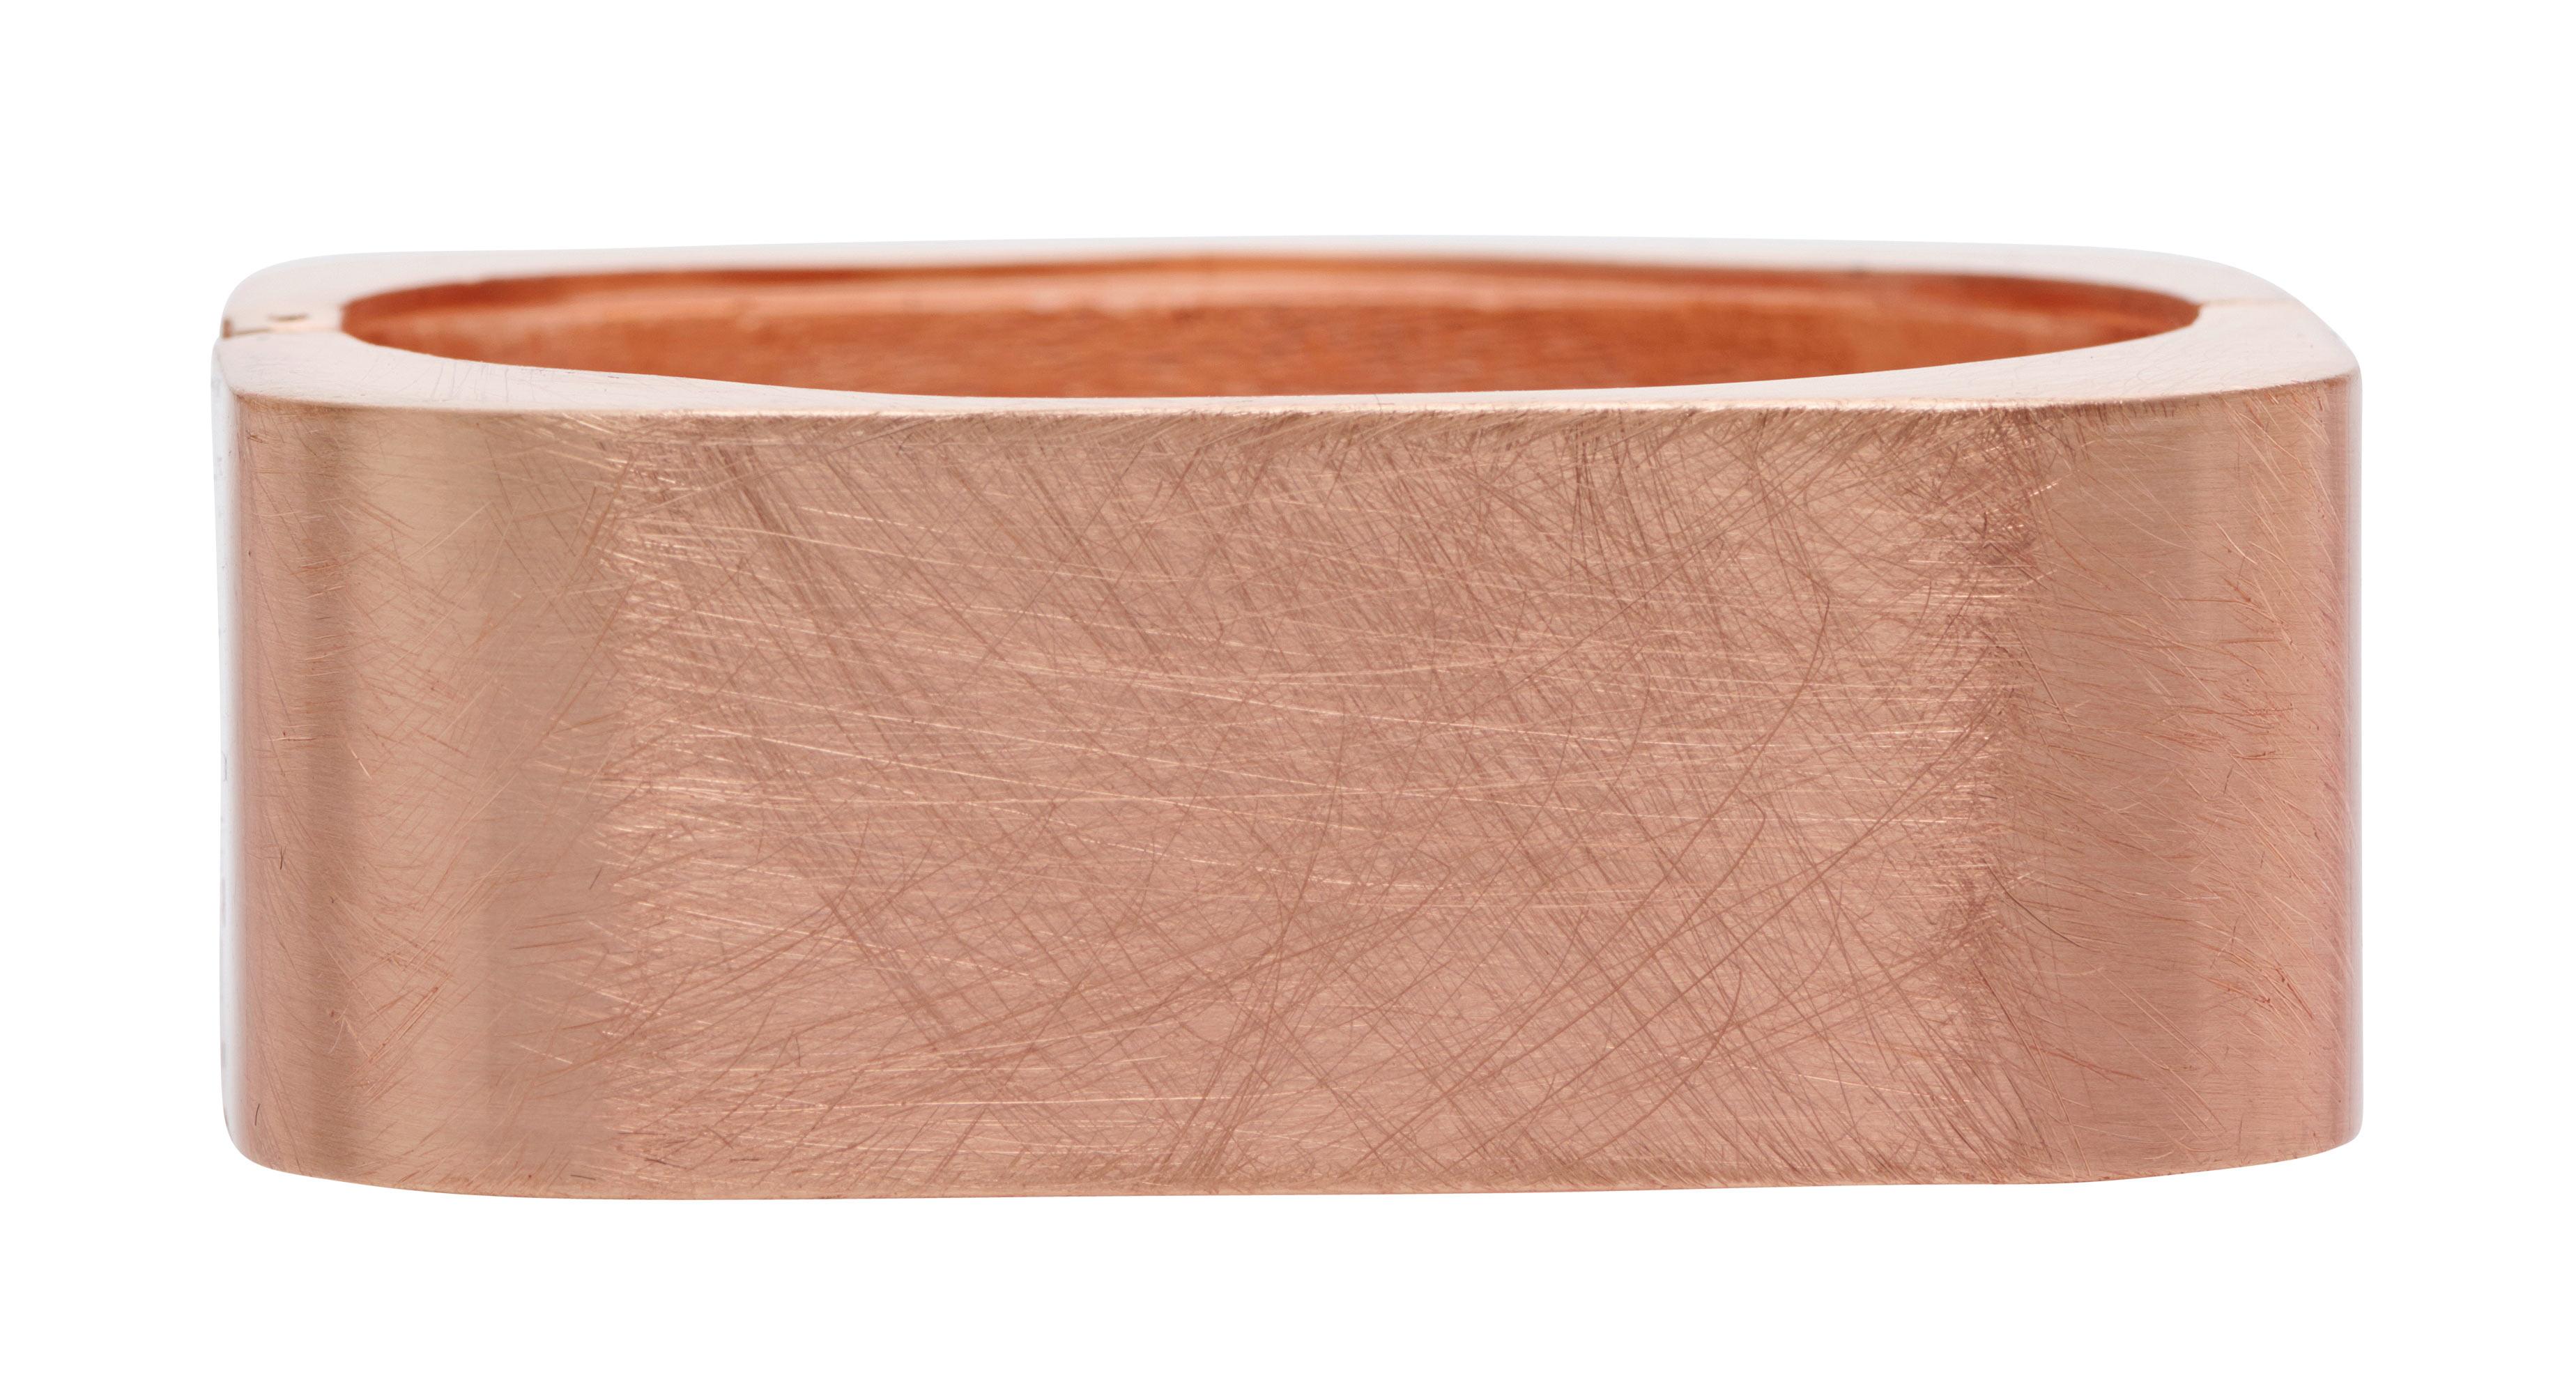 Браслет(7H969)Silje<br>Дания, Dansk Smykkekunst<br><br>Гипоаллергенный сплав, покрытие золотом.<br>